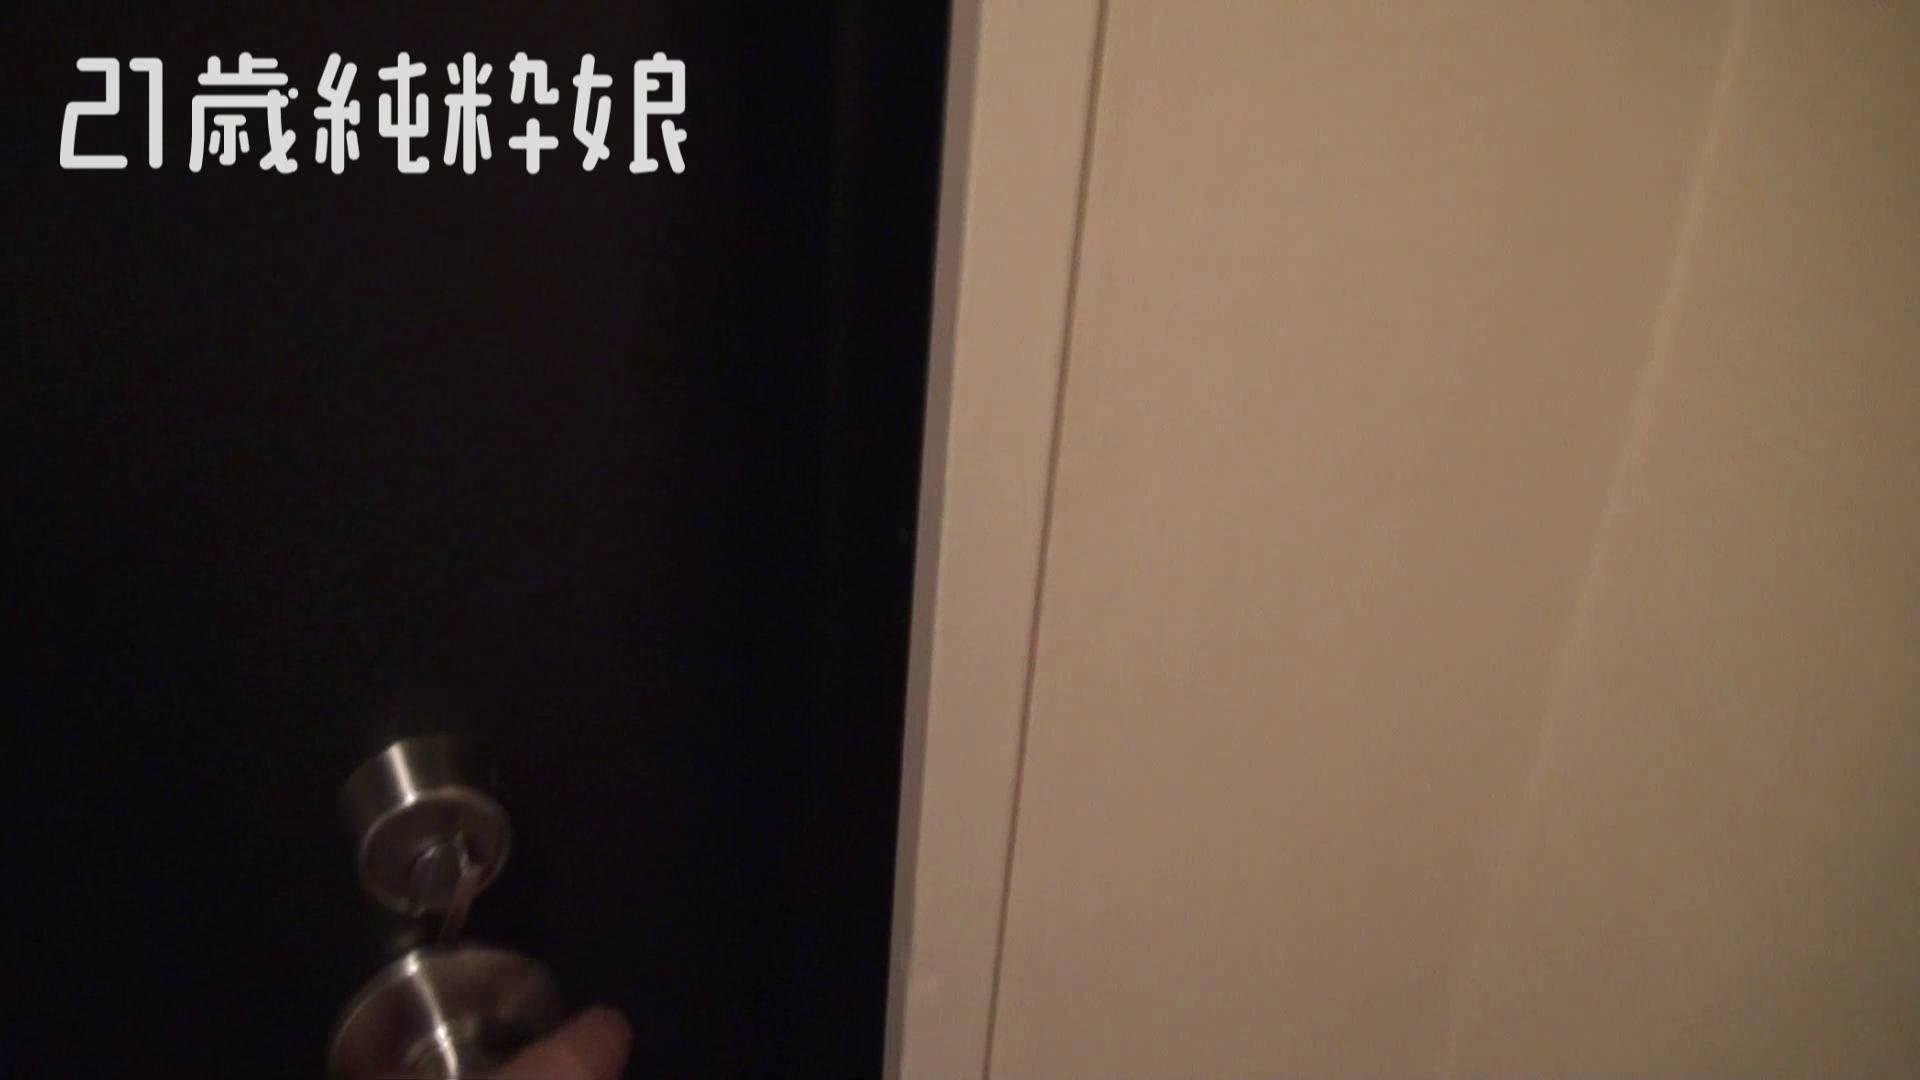 上京したばかりのGカップ21歳純粋嬢を都合の良い女にしてみた 出会い系 AV動画キャプチャ 86pic 2